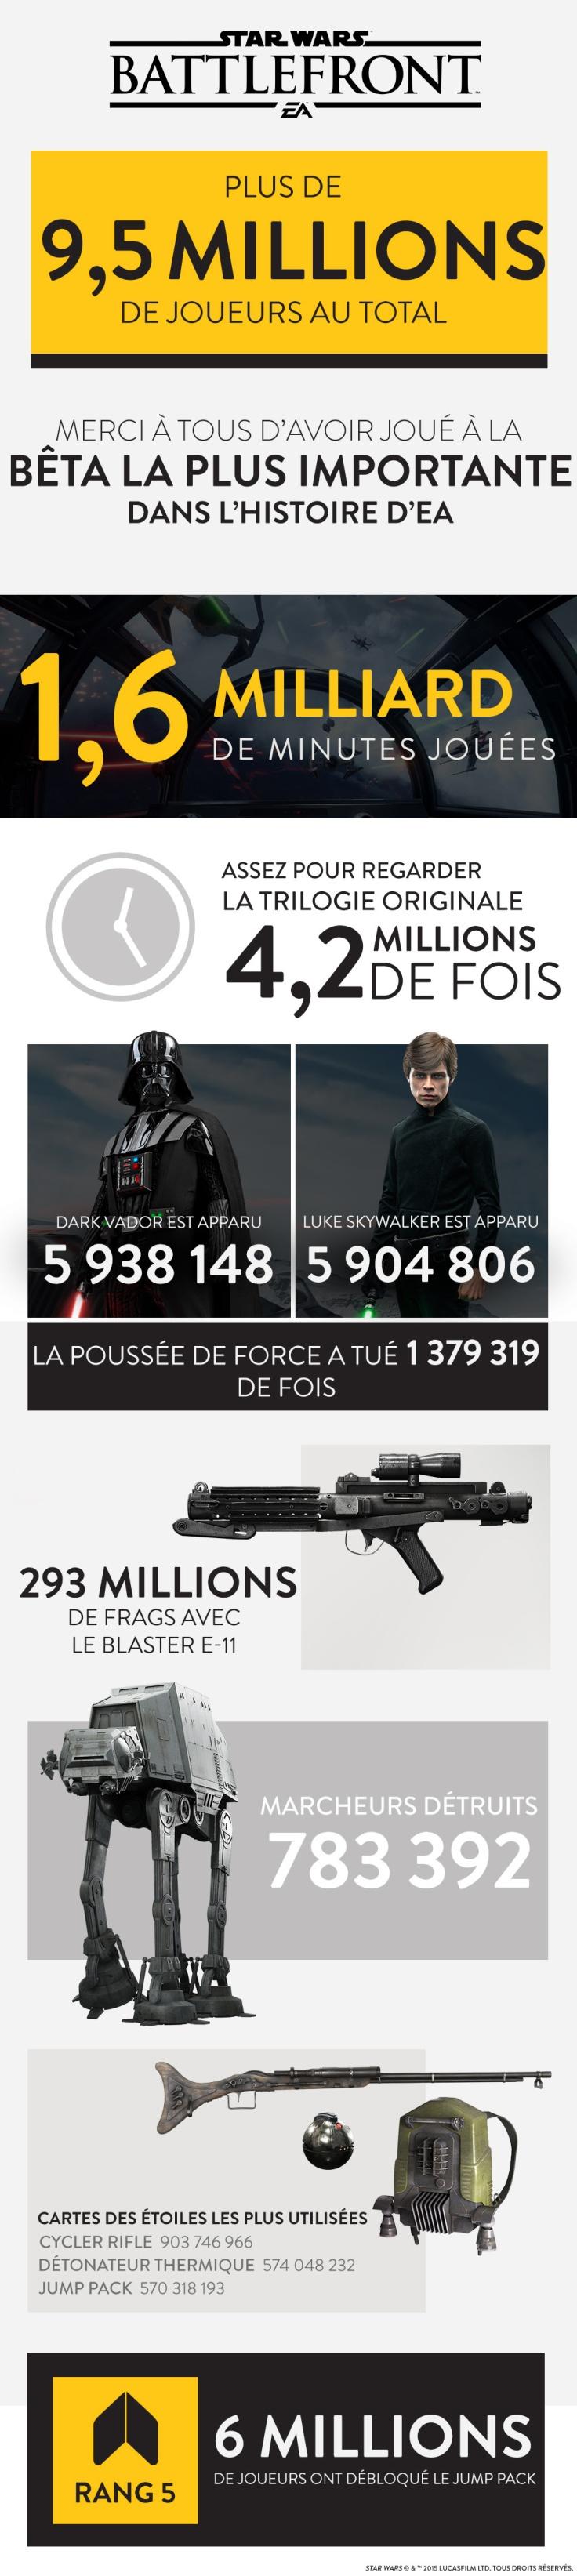 Philippe Serra-StarWarsBattlefront_Infographie